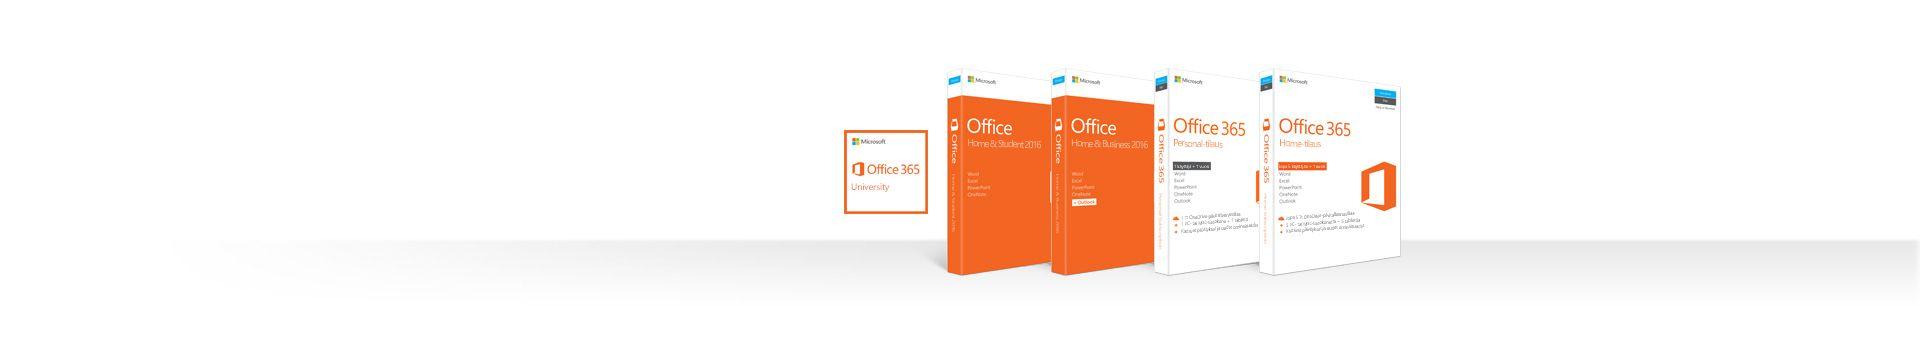 Mac-tietokoneille tarkoitettuja Office-tilauksia ja -erillistuotteita kuvaava ruuturivi